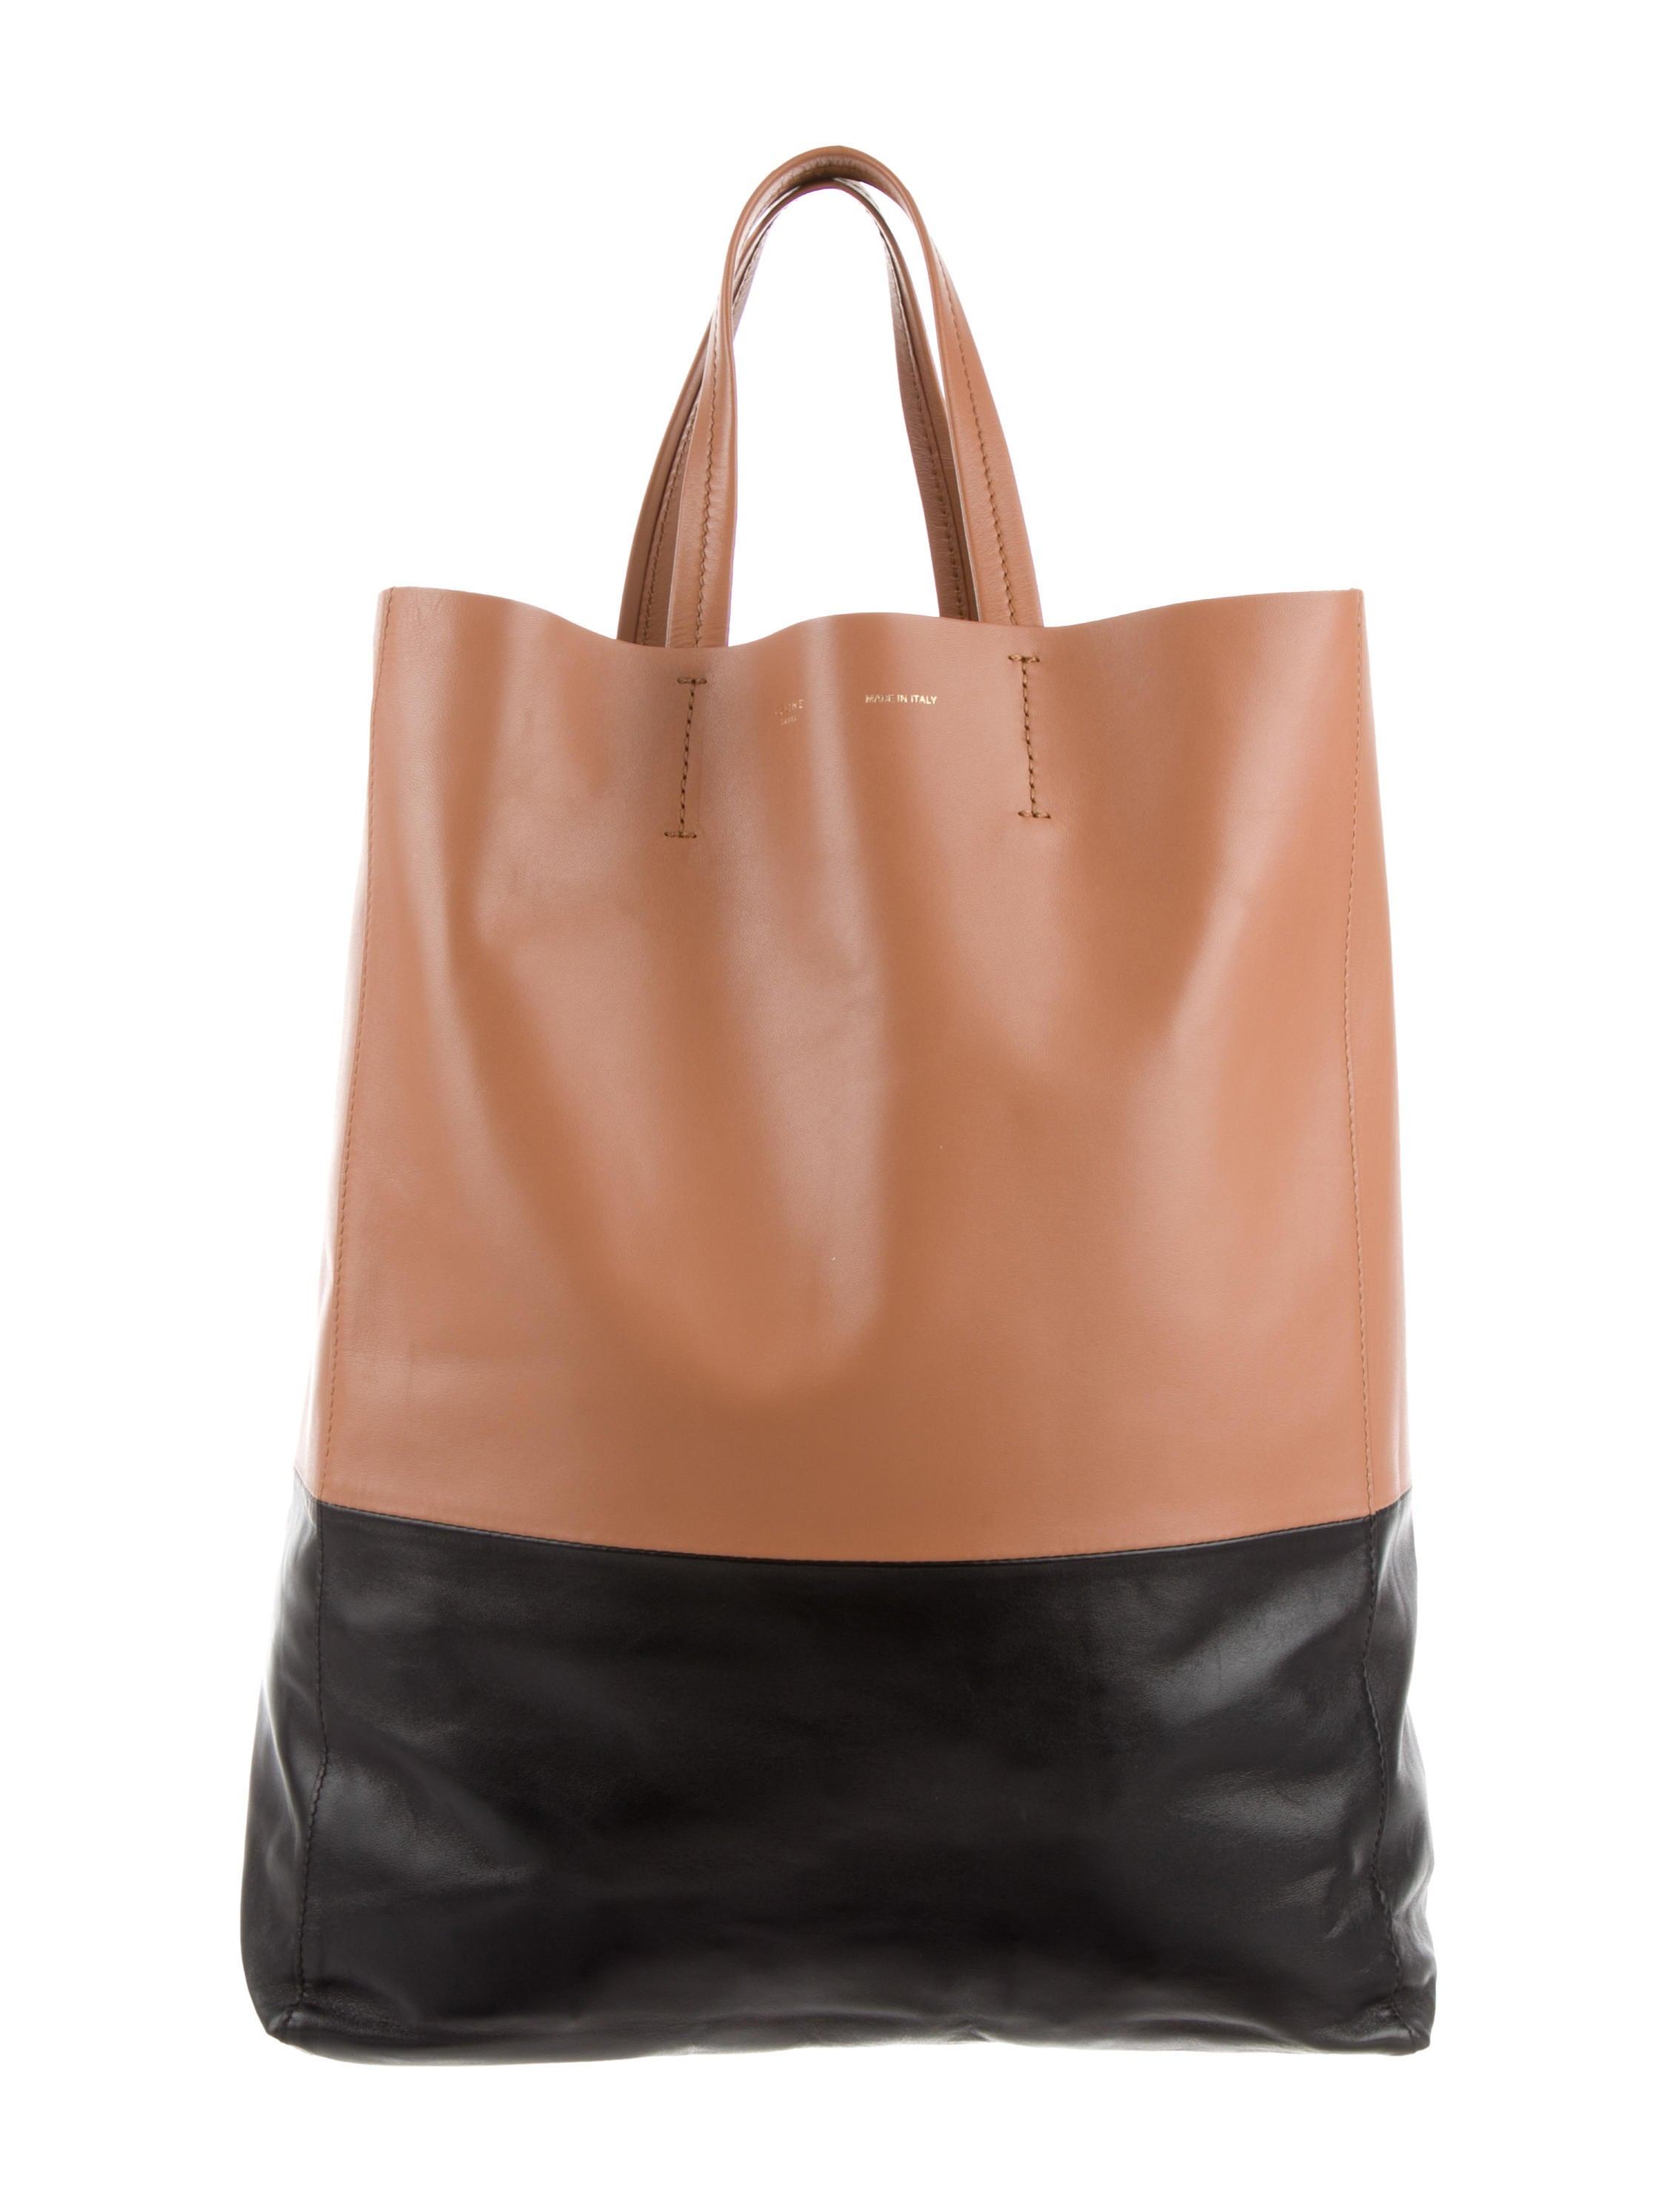 Celine Handbags  fa96d3c153b12